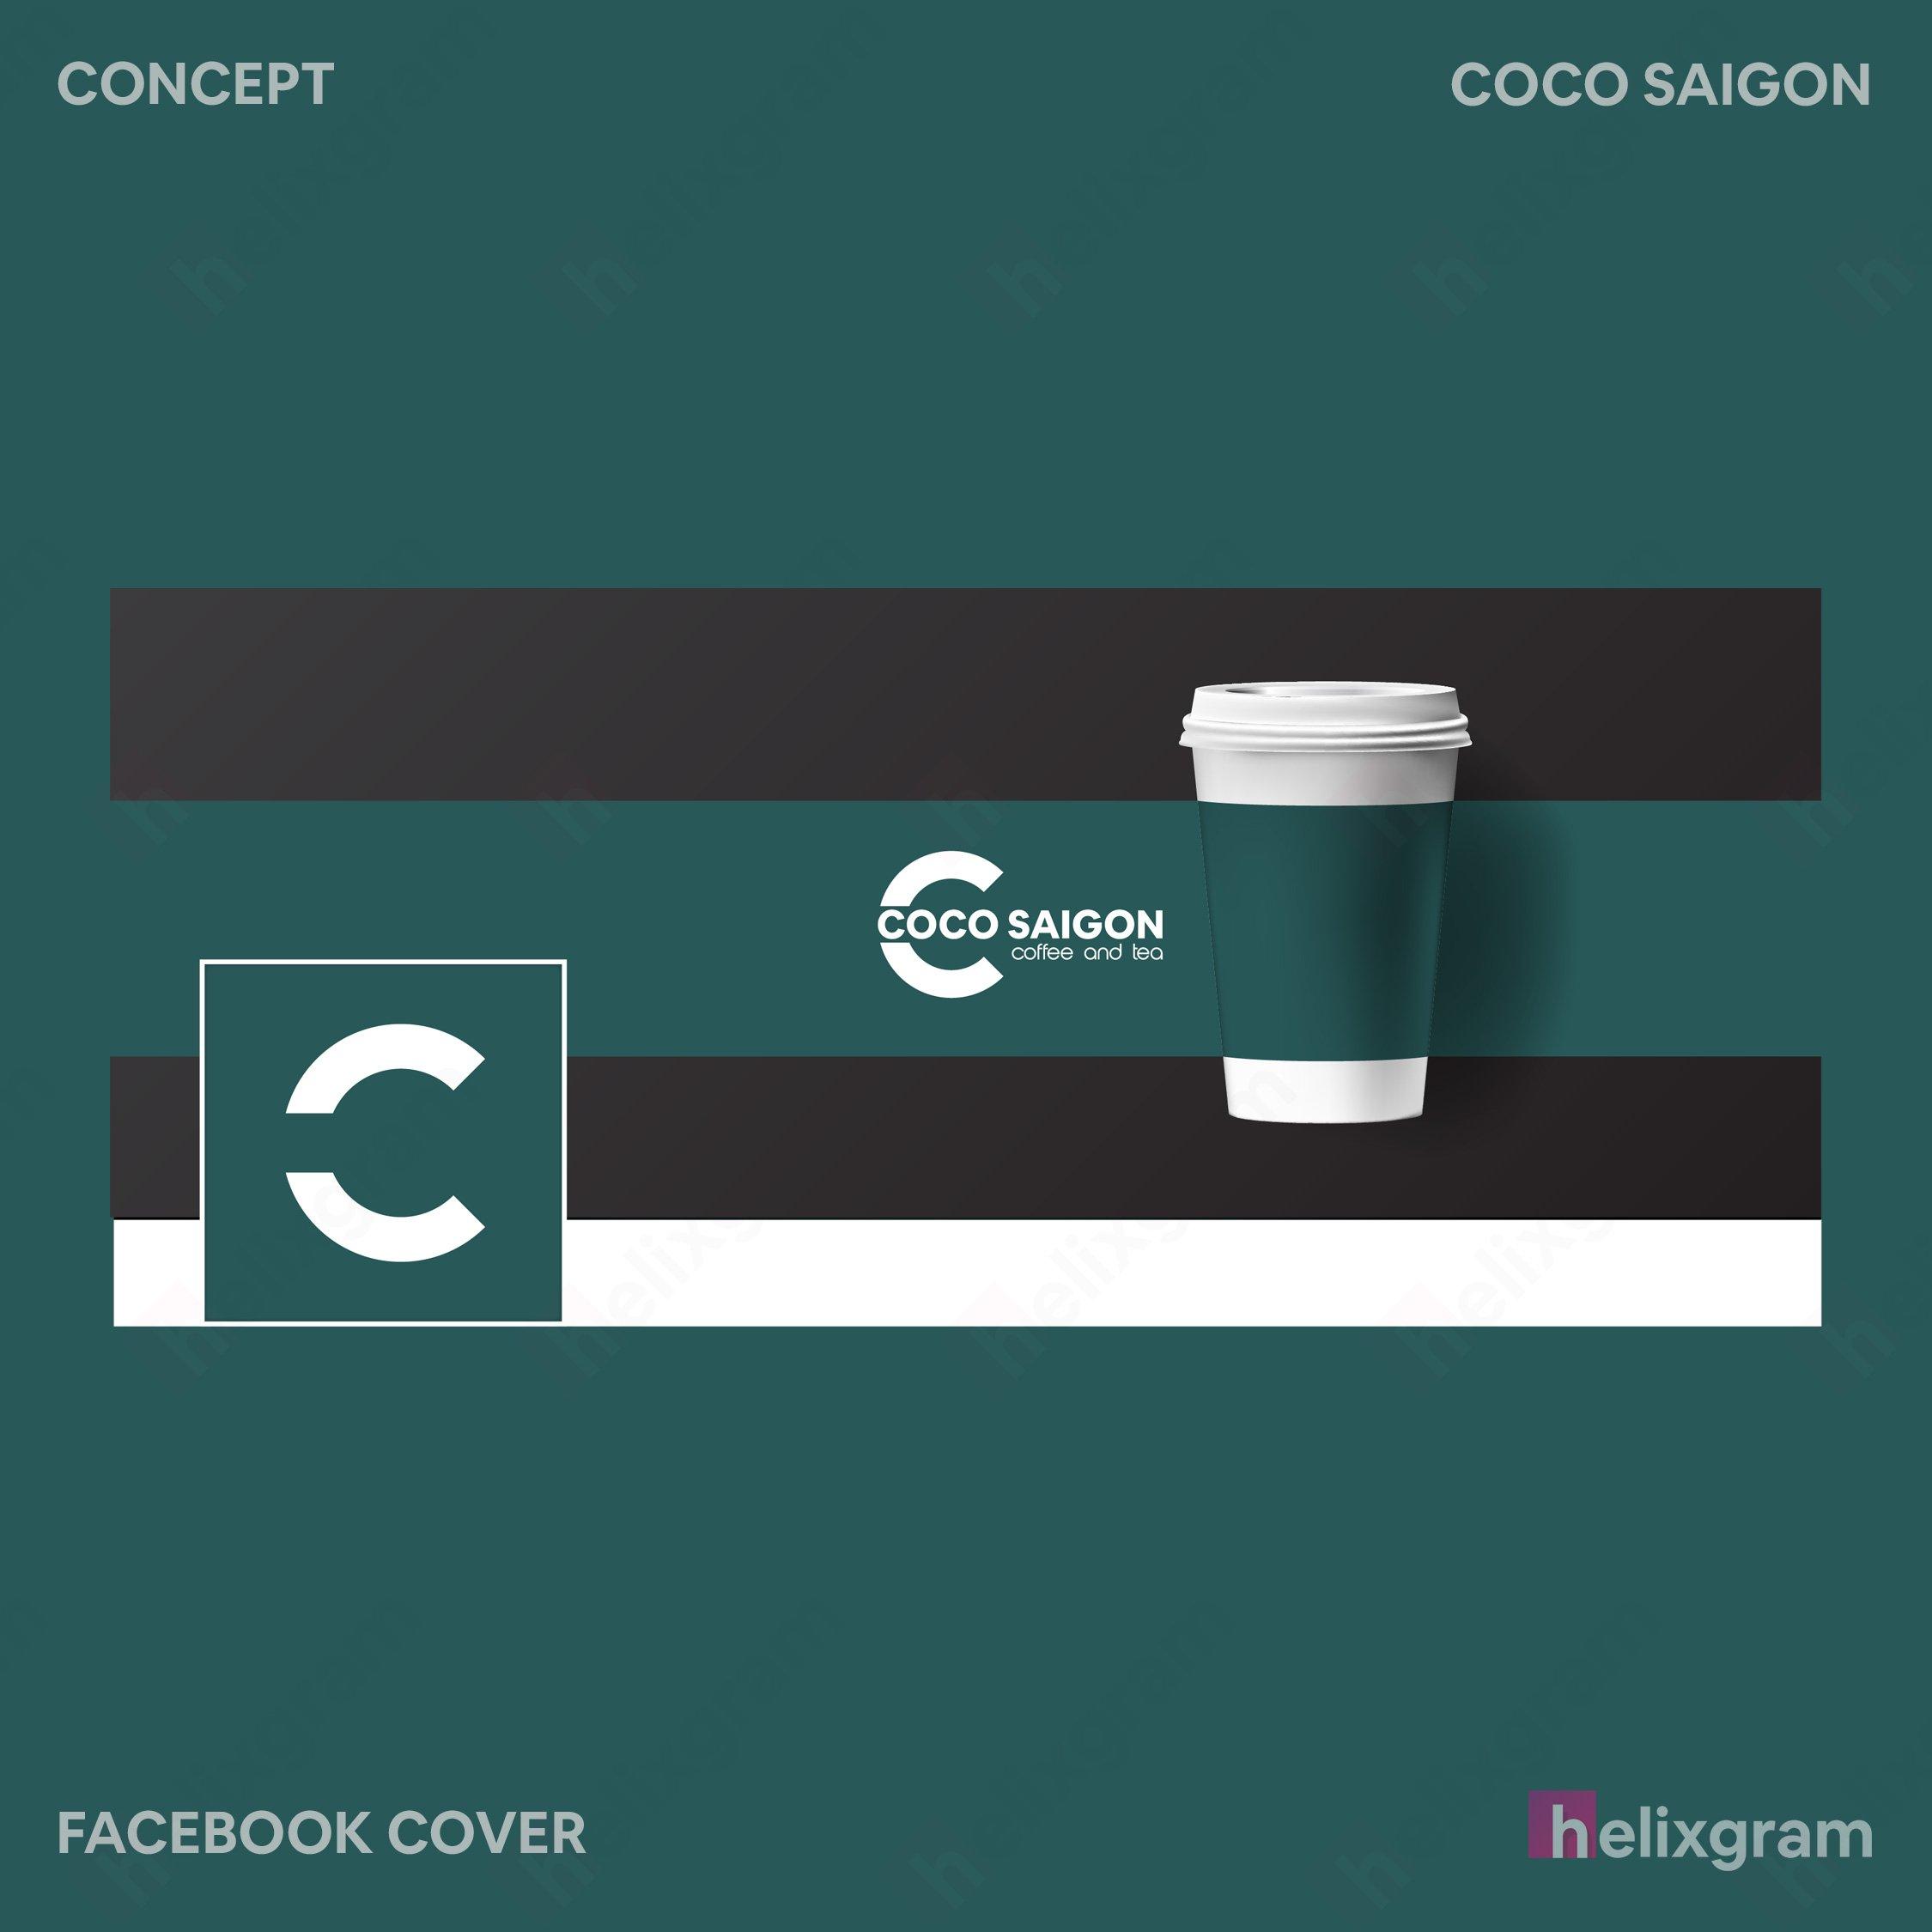 Ảnh bìa Facebook cover Nhận diện thương hiệu coffee Coco Sài Gòn Thiết kế thương hiệu thiết kế Logo ấn phẩm truyền thông quảng cáo thiết kế website in ấn chất lượng cao Saigon Helixgram Design